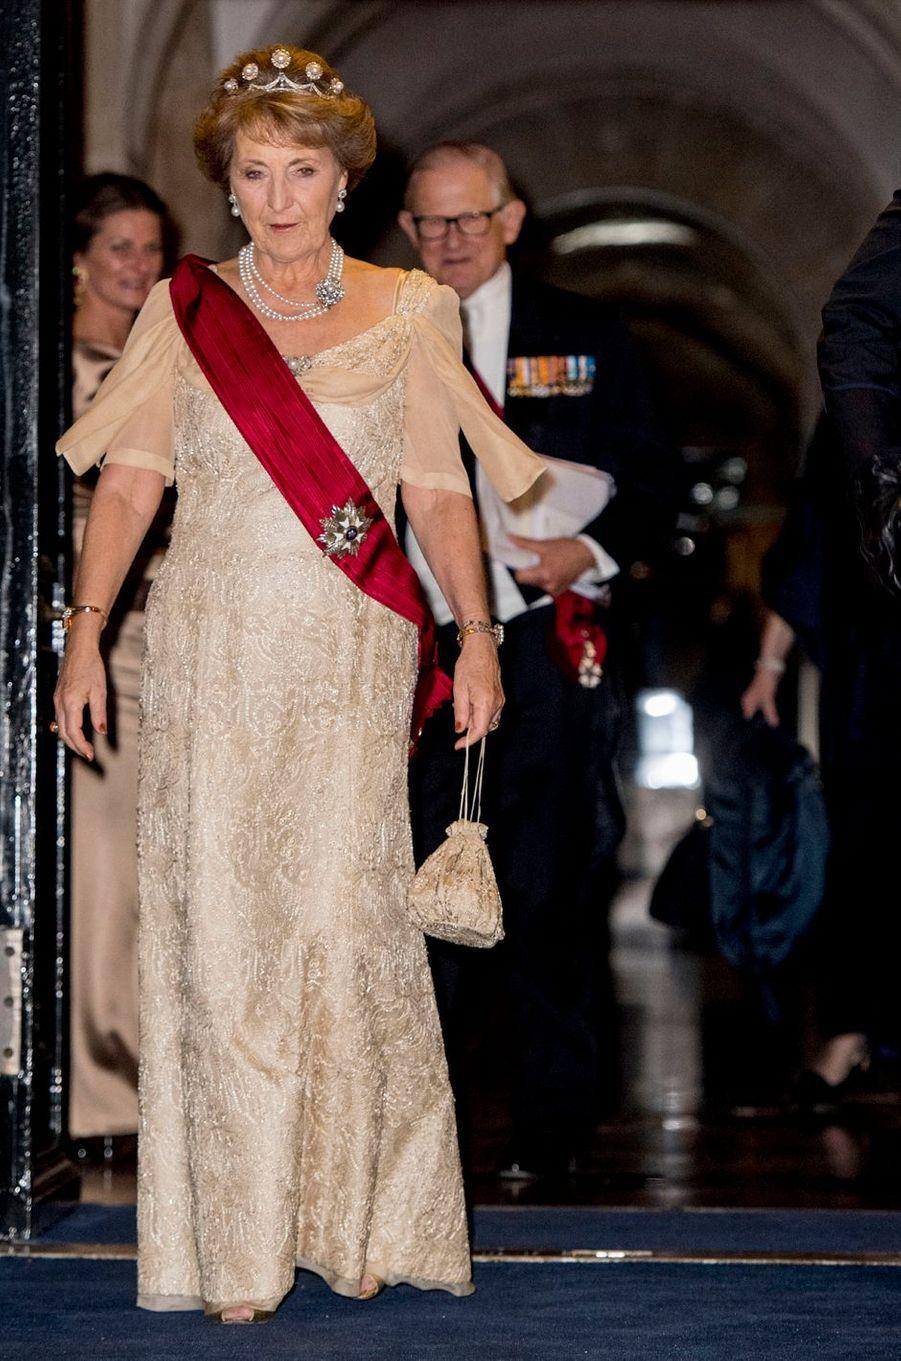 La princesse Margriet des Pays-Bas et son mari au Palais royal à Amsterdam, le 28 novembre 2016